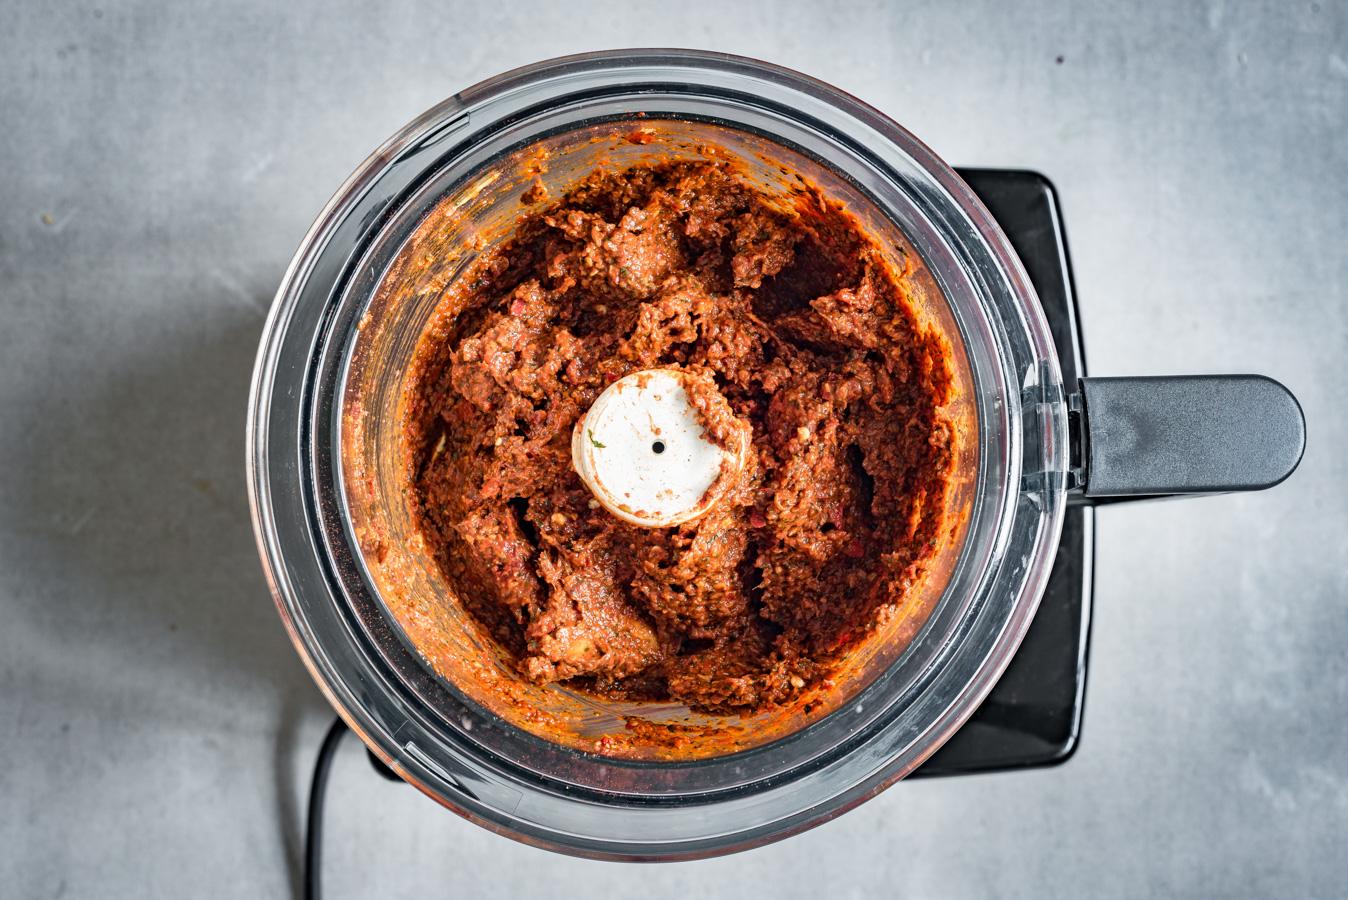 Eindresultaat van de vermalen ingrediënten voor de currypasta in de keukenmachine.